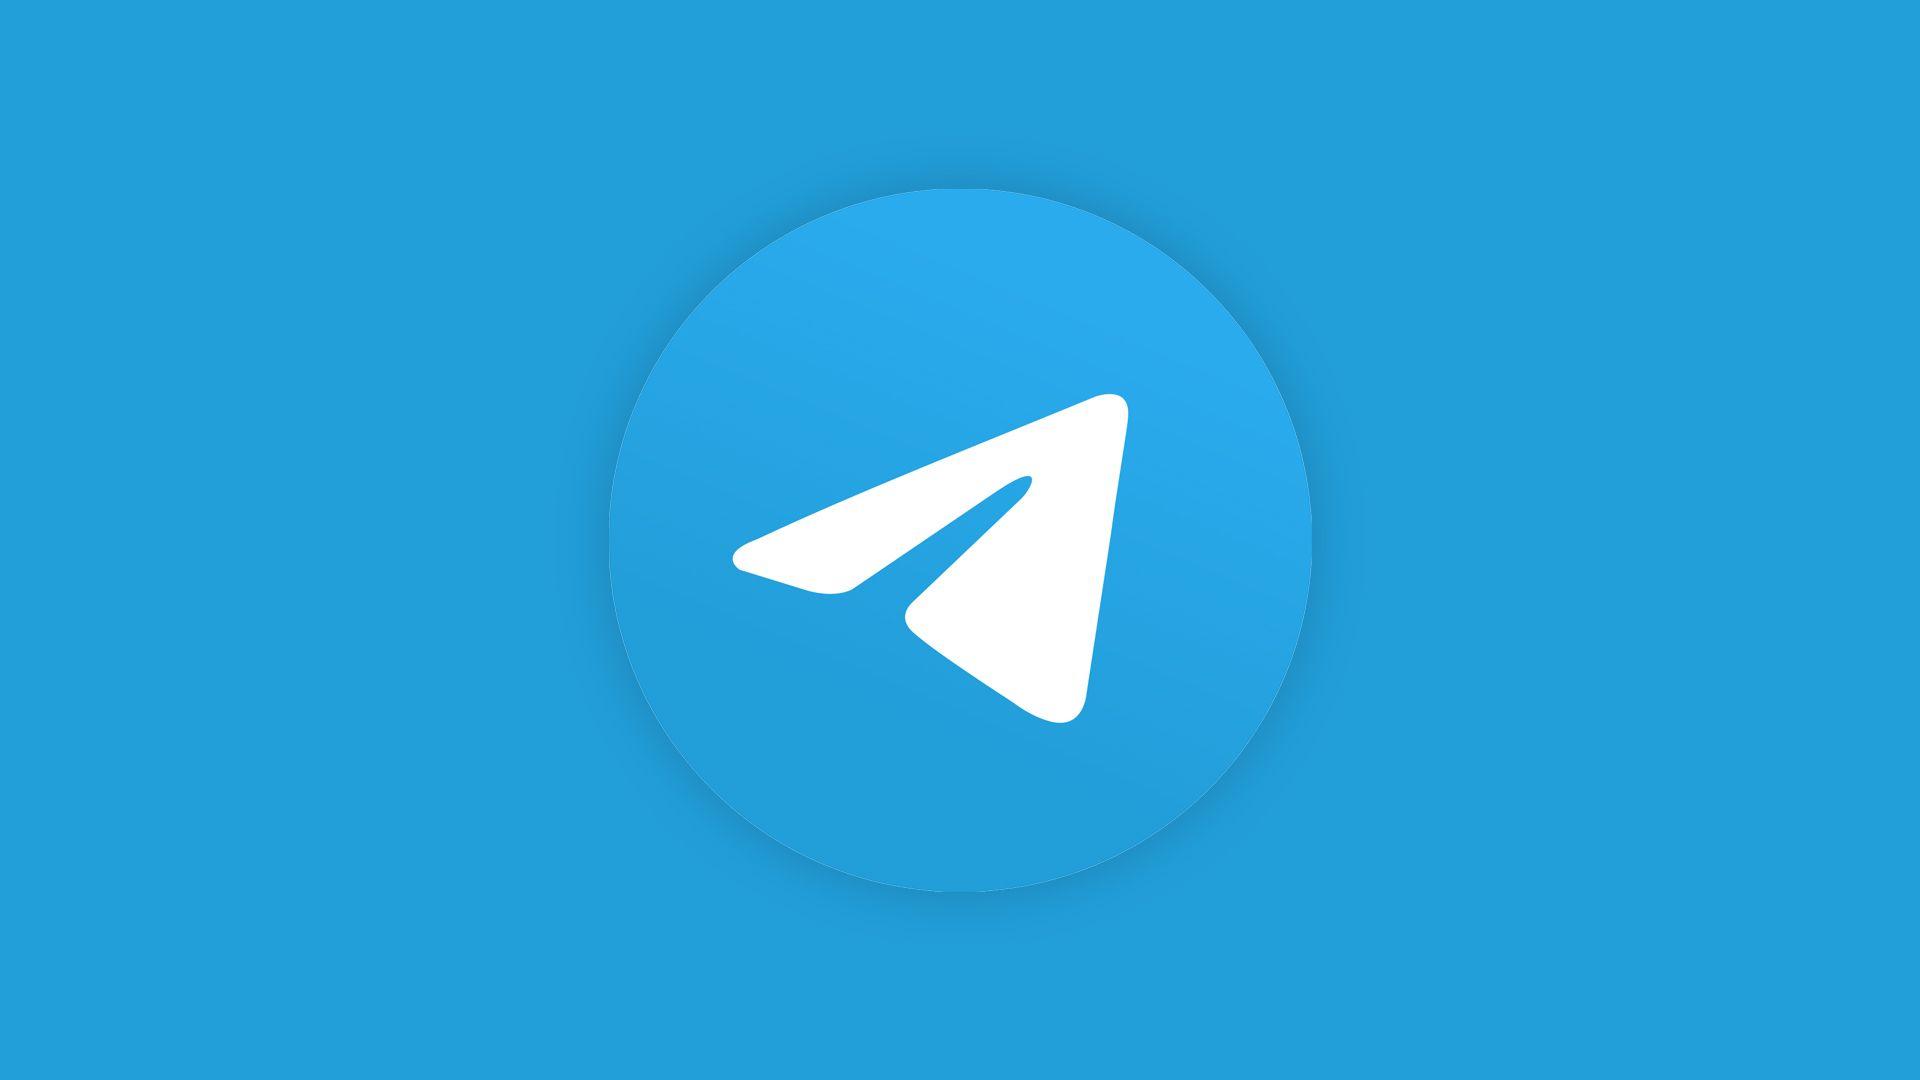 Telegram Desktop 3.1 apresenta emojis interativos e gravação de transmissão ao vivo